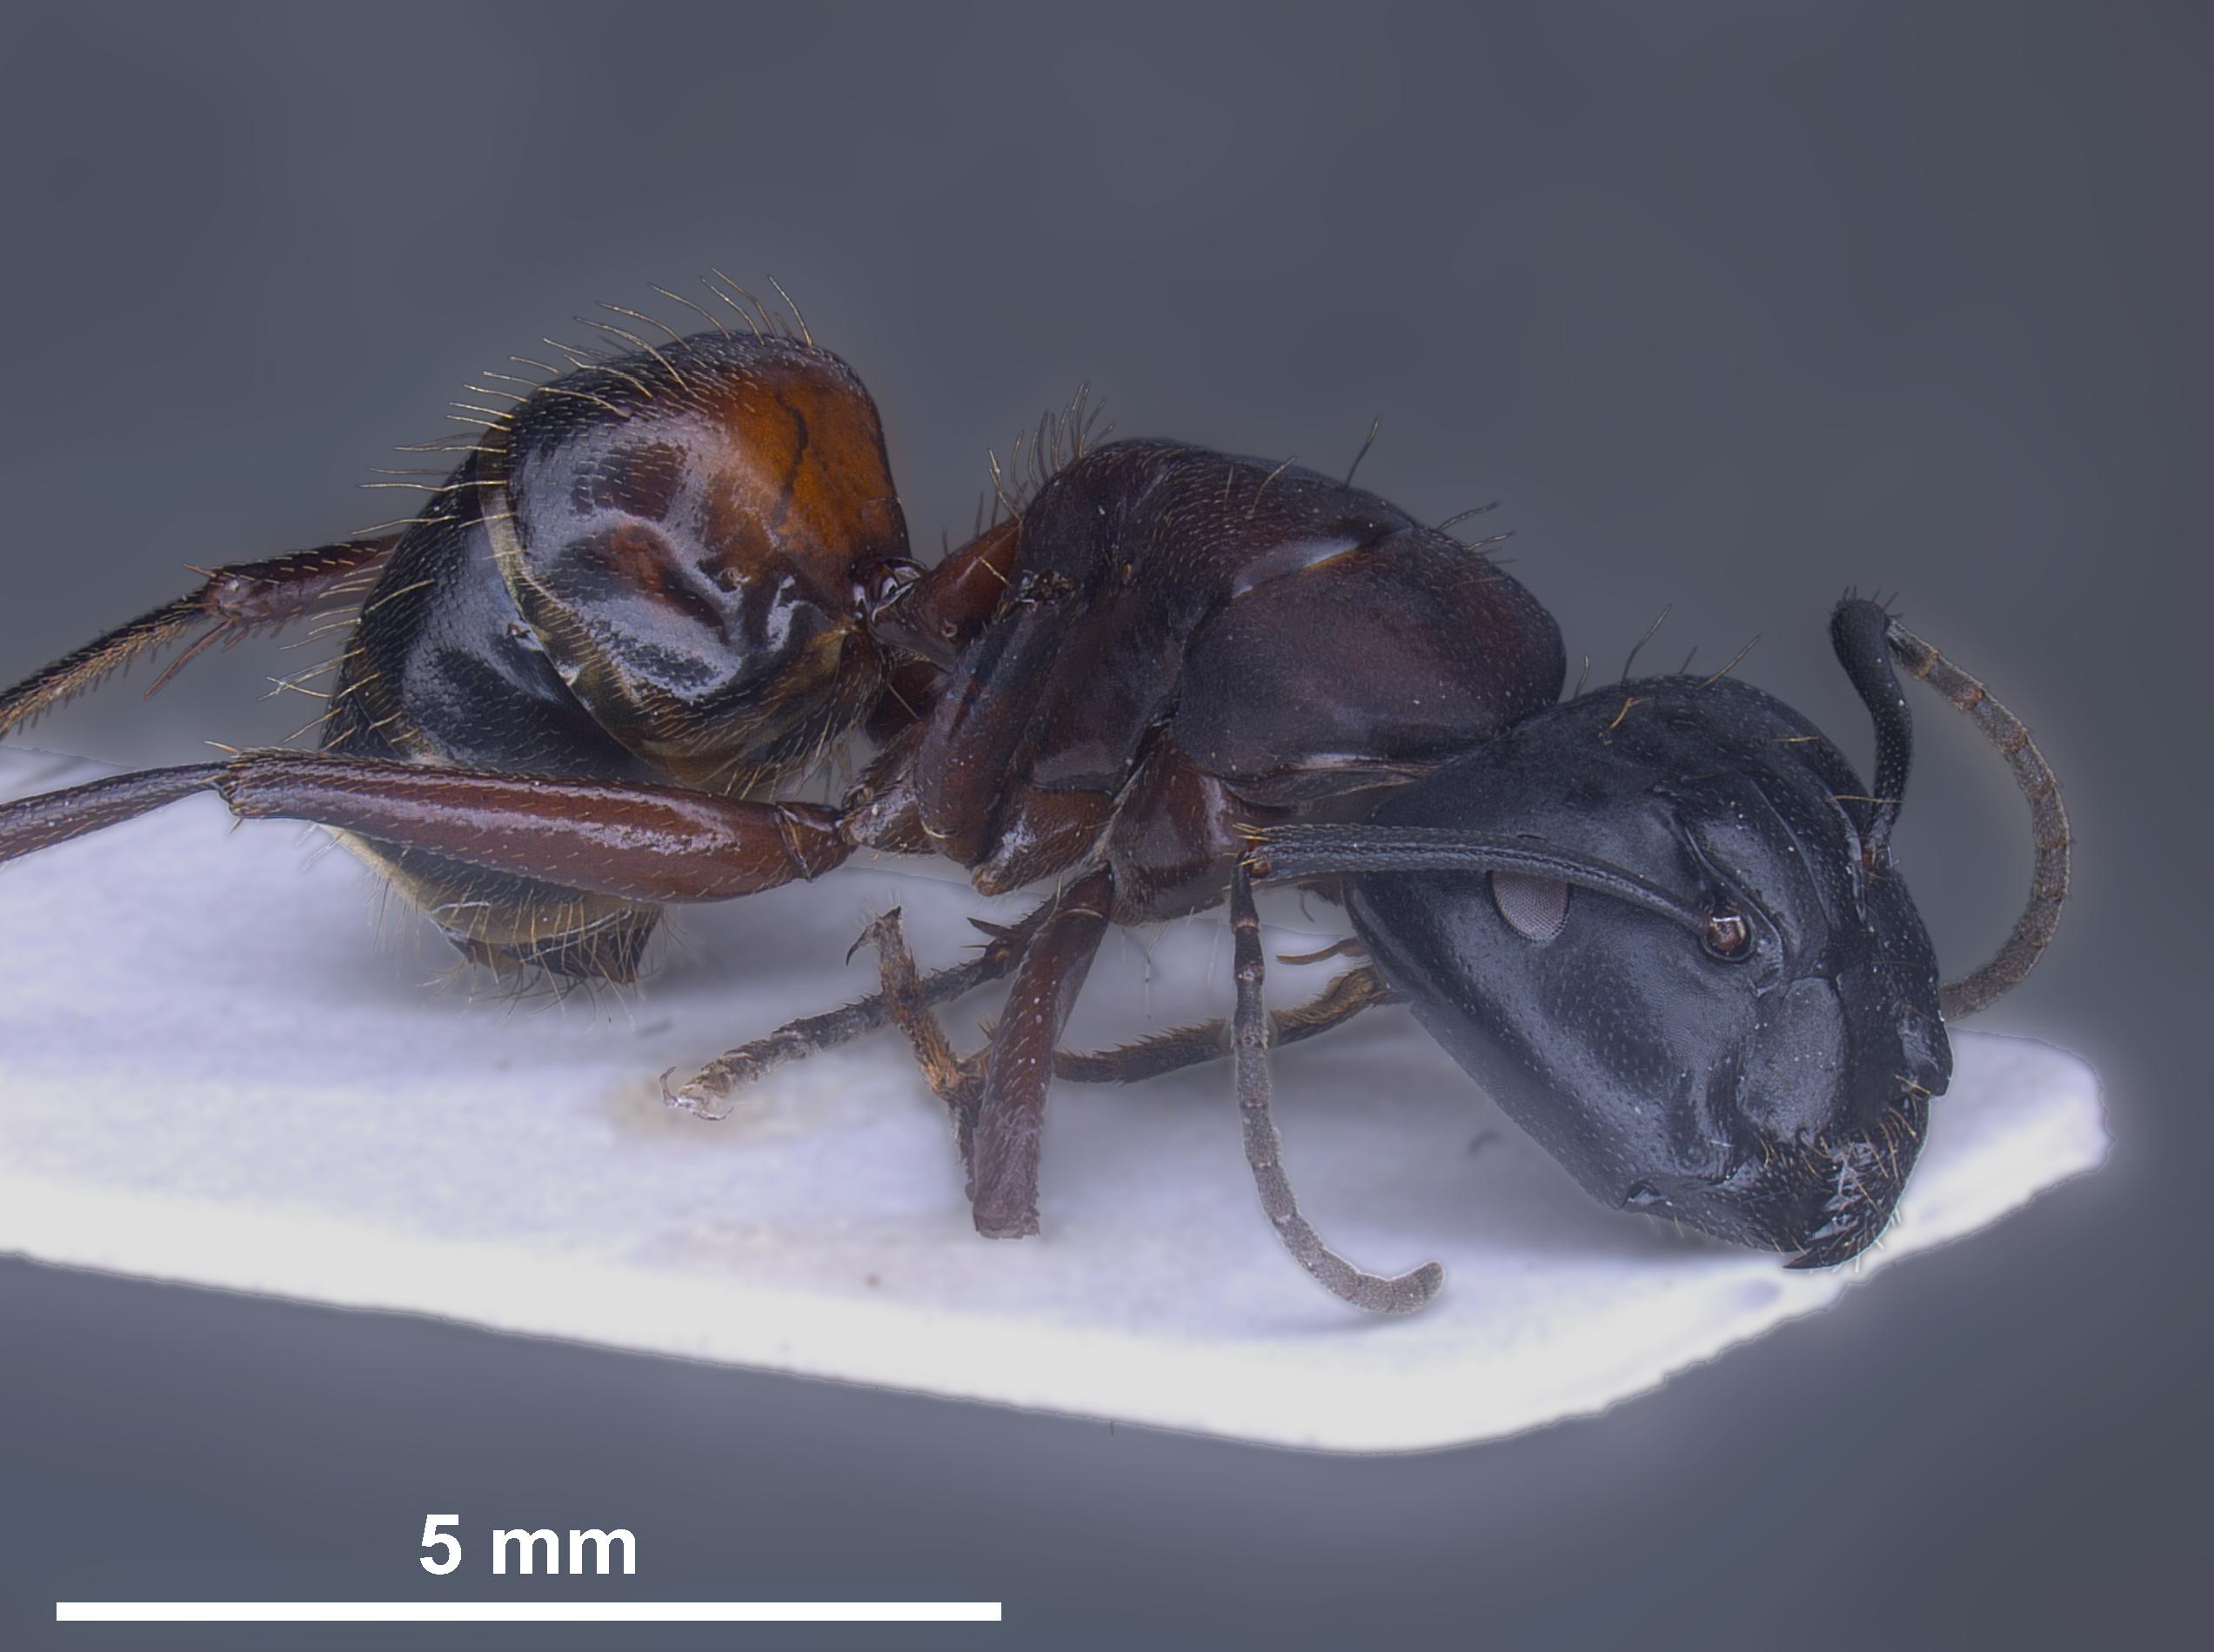 Hybrid worker Camponotus herculeanus × ligniperda